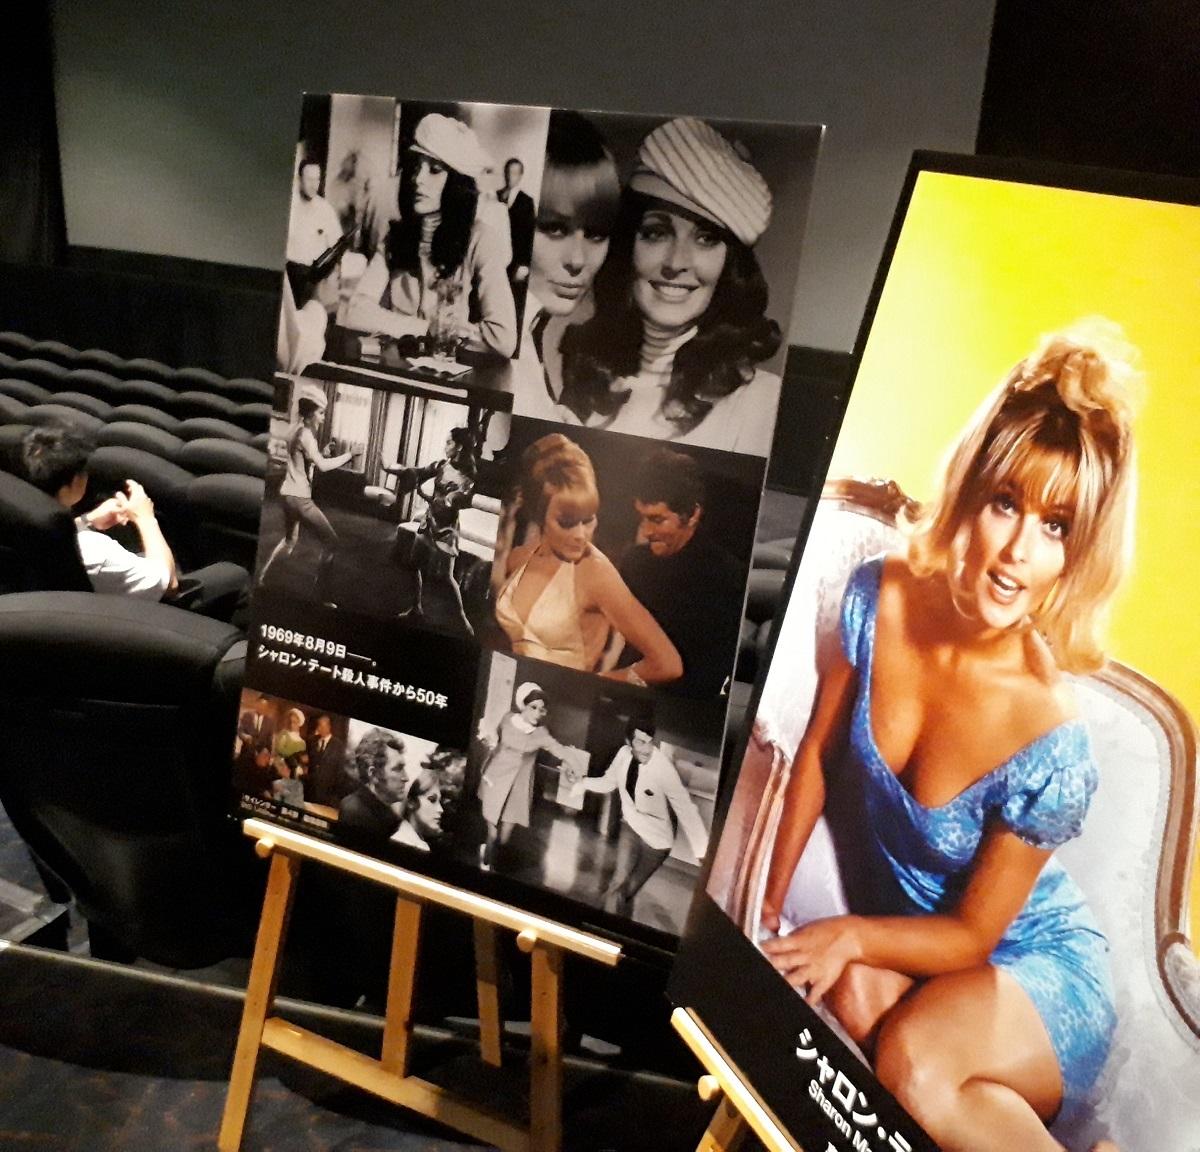 8月9日、「シャロン・テート事件」発生の日に合わせた映画イベントでは、彼女の生前のパネルも飾られた=東京都港区六本木